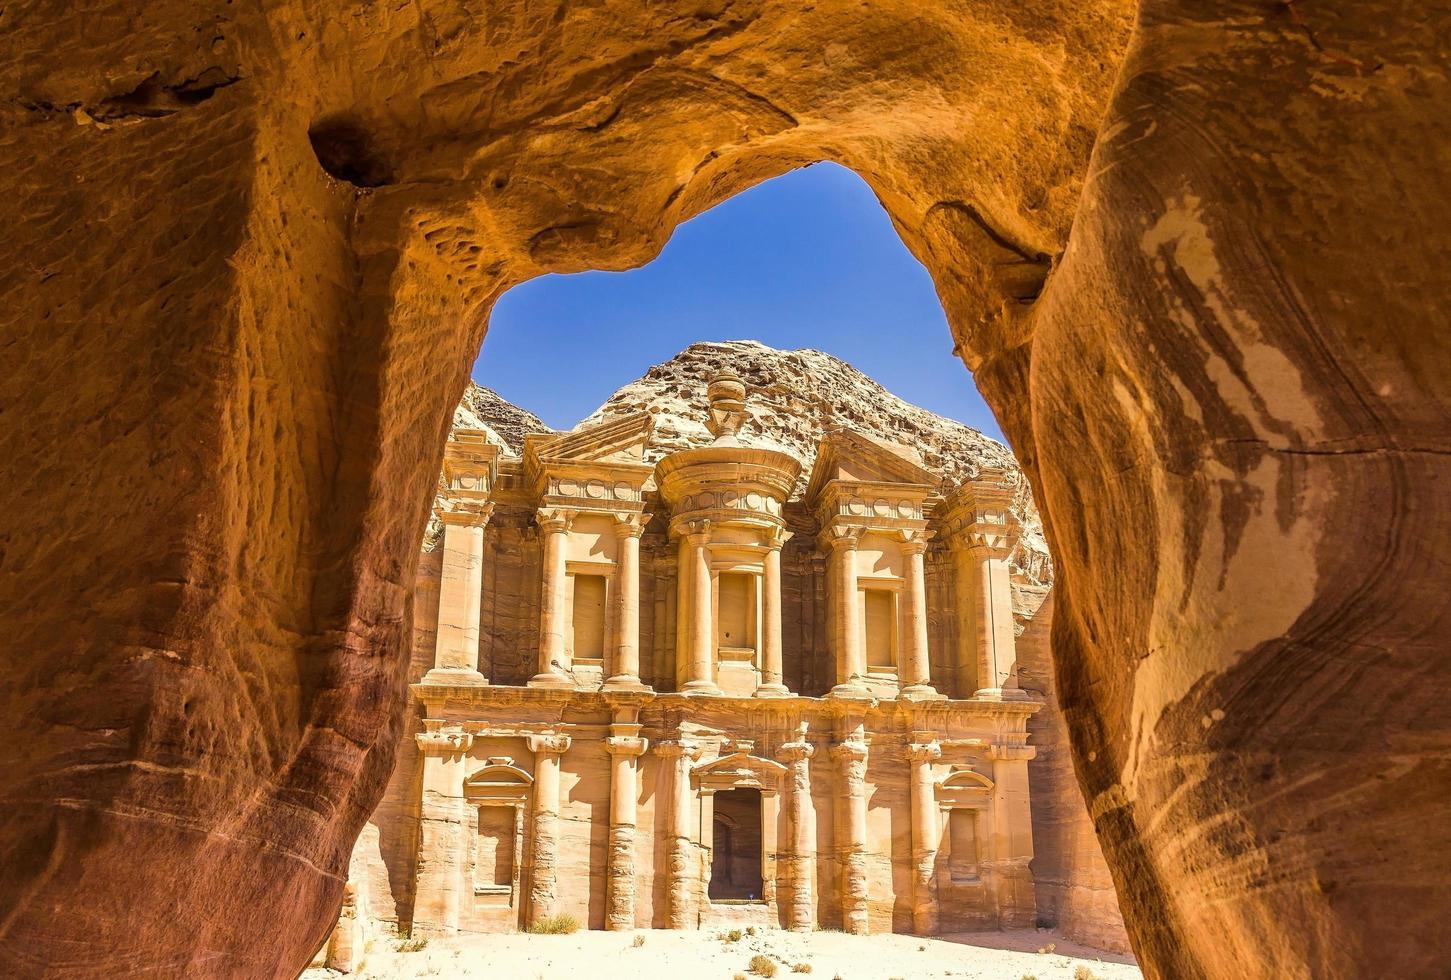 Vue depuis une grotte de l'ad deir, monastère de la ville antique de Petra, Jordanie photo